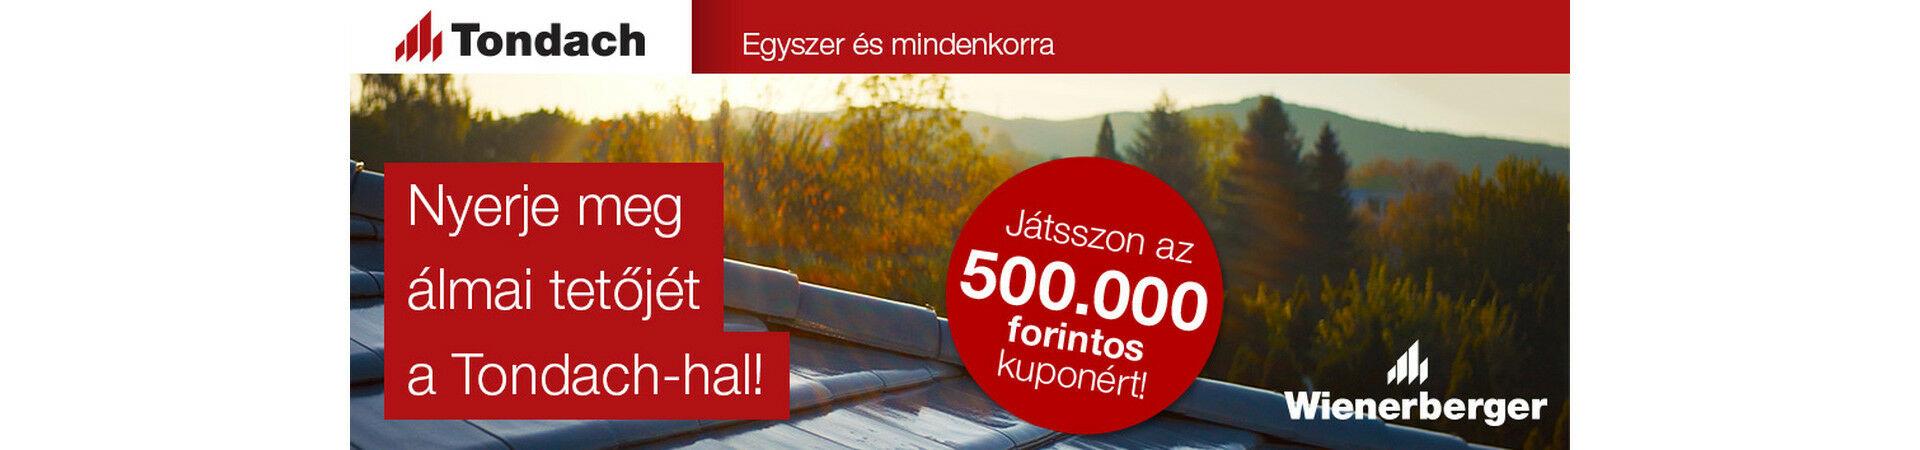 Tondach tetőcserép nyereményjáték Micorex tüzép építőanyag Miskolc újHÁZ Centrum